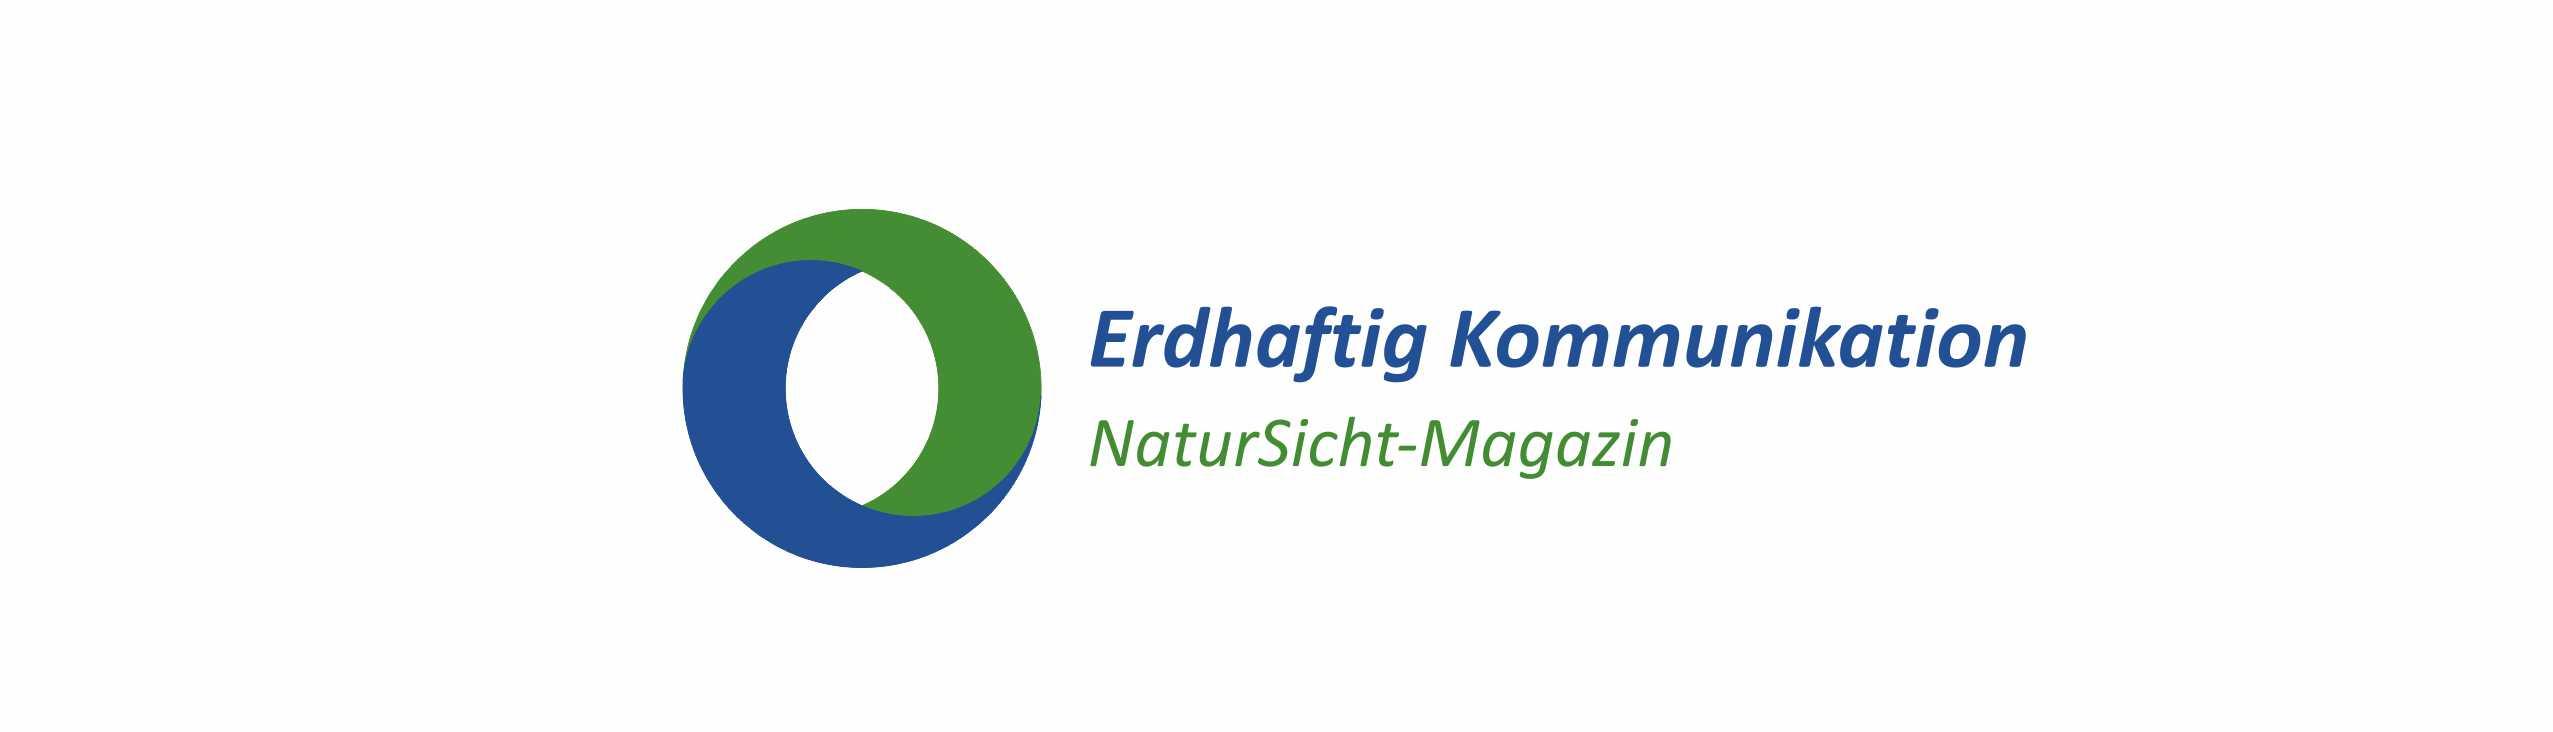 NaturSicht-Magazin